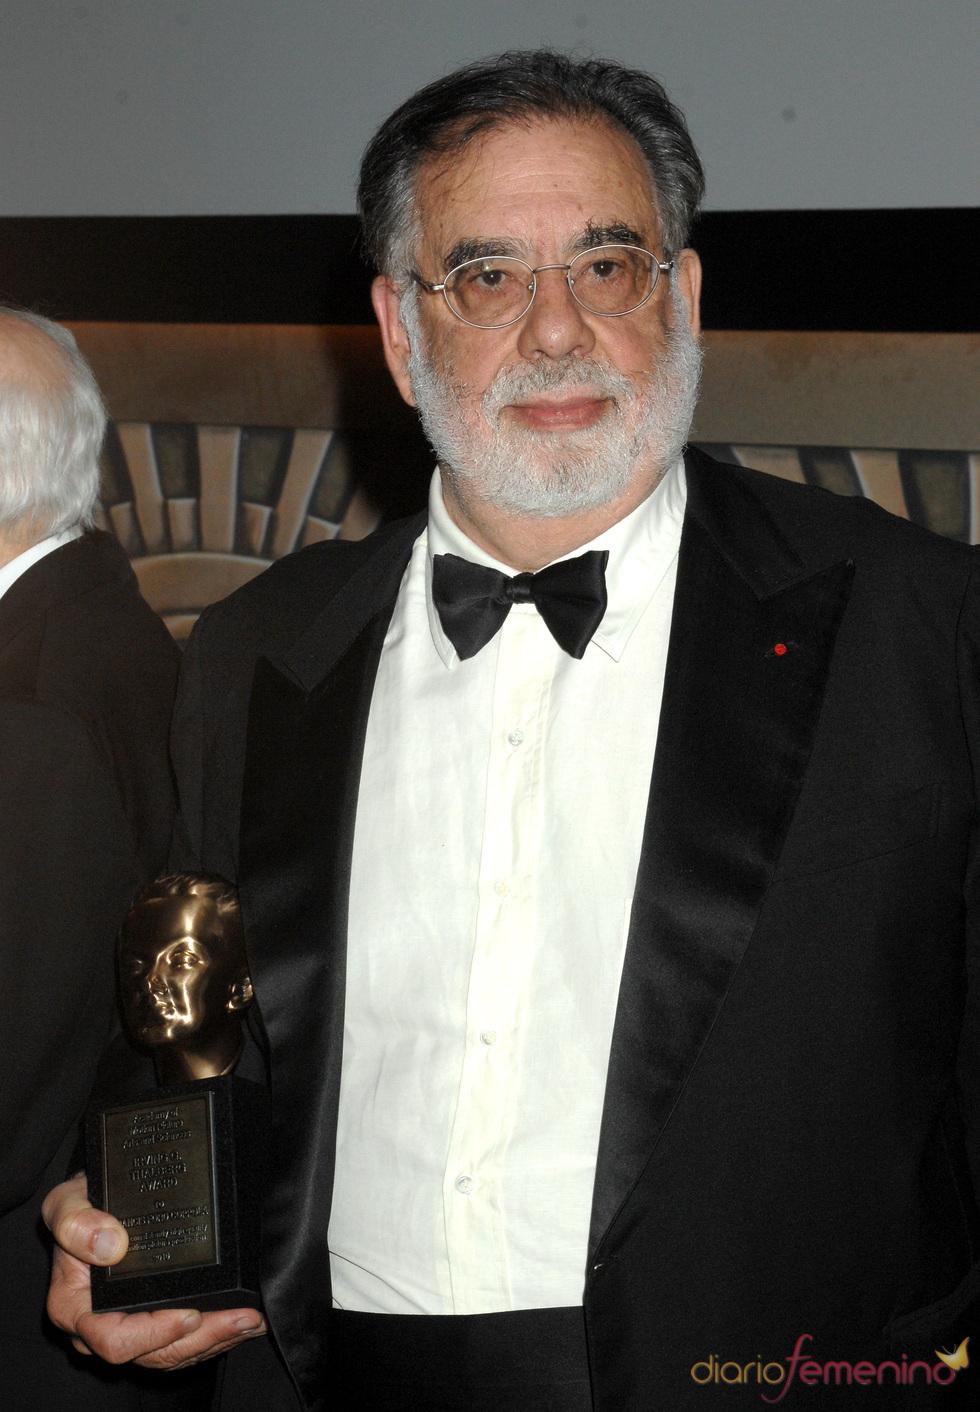 El galardonado Francis Ford Coppola en los Governors Awards 2010